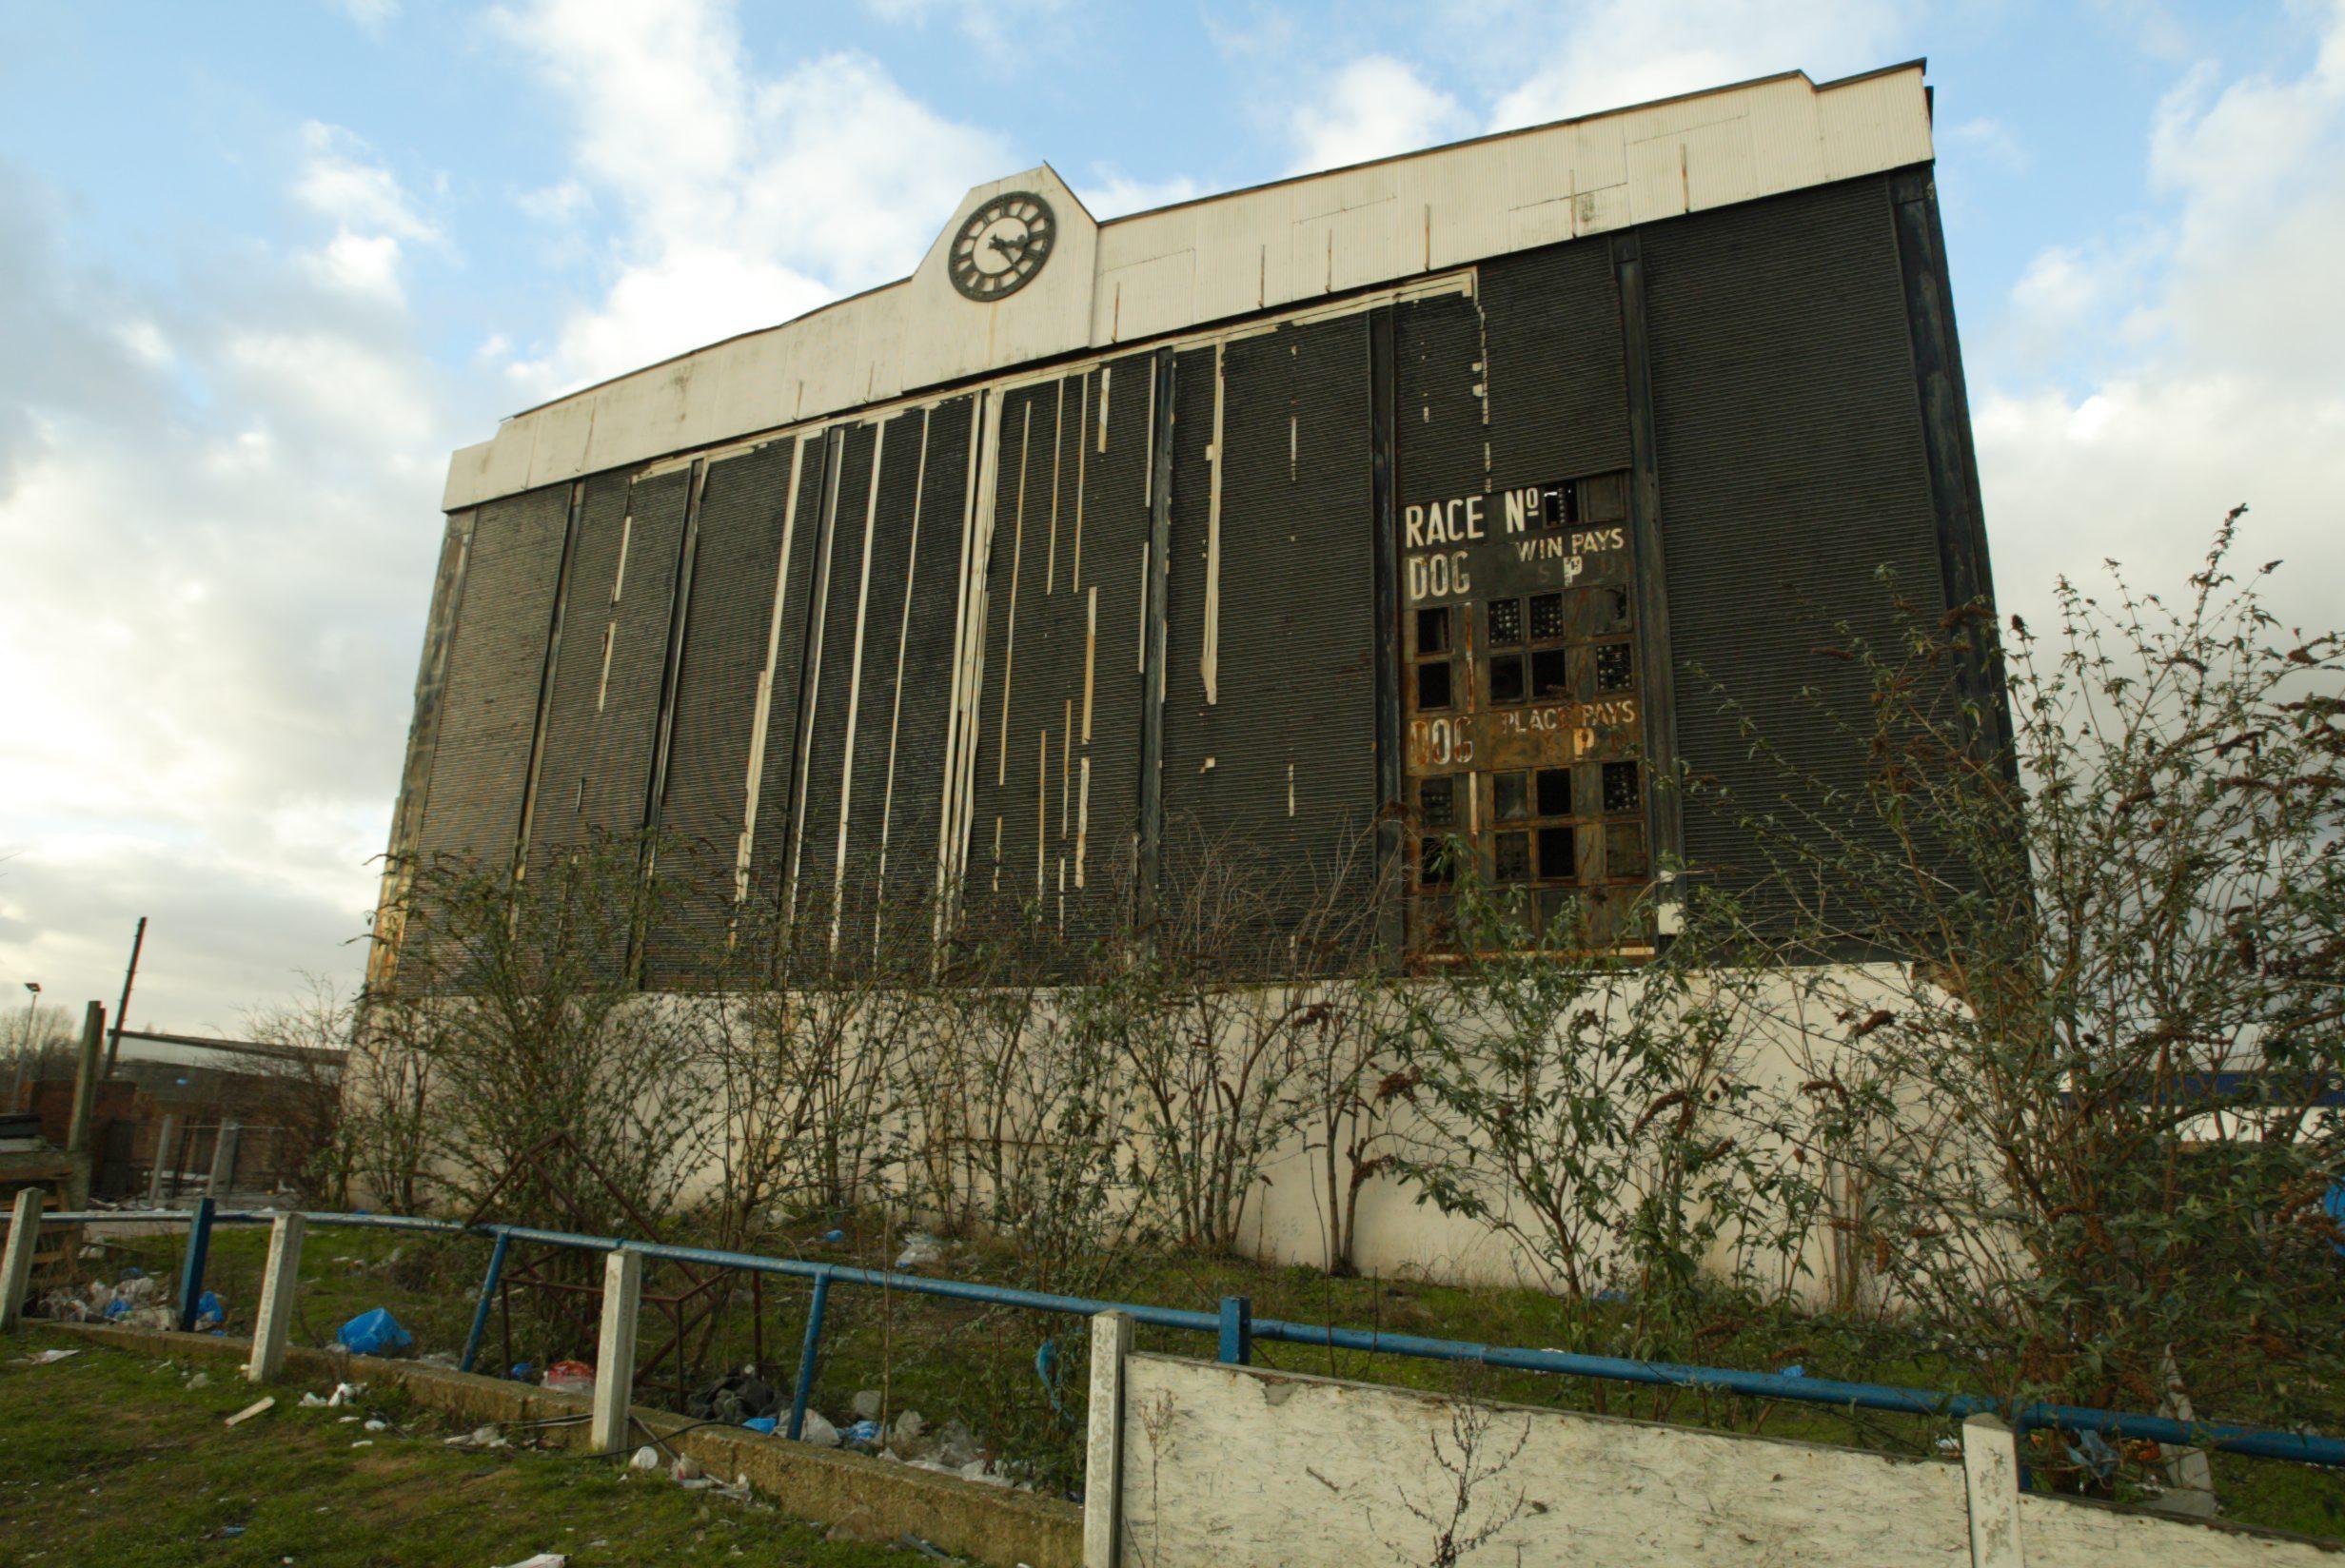 Hackney Wick Stadium